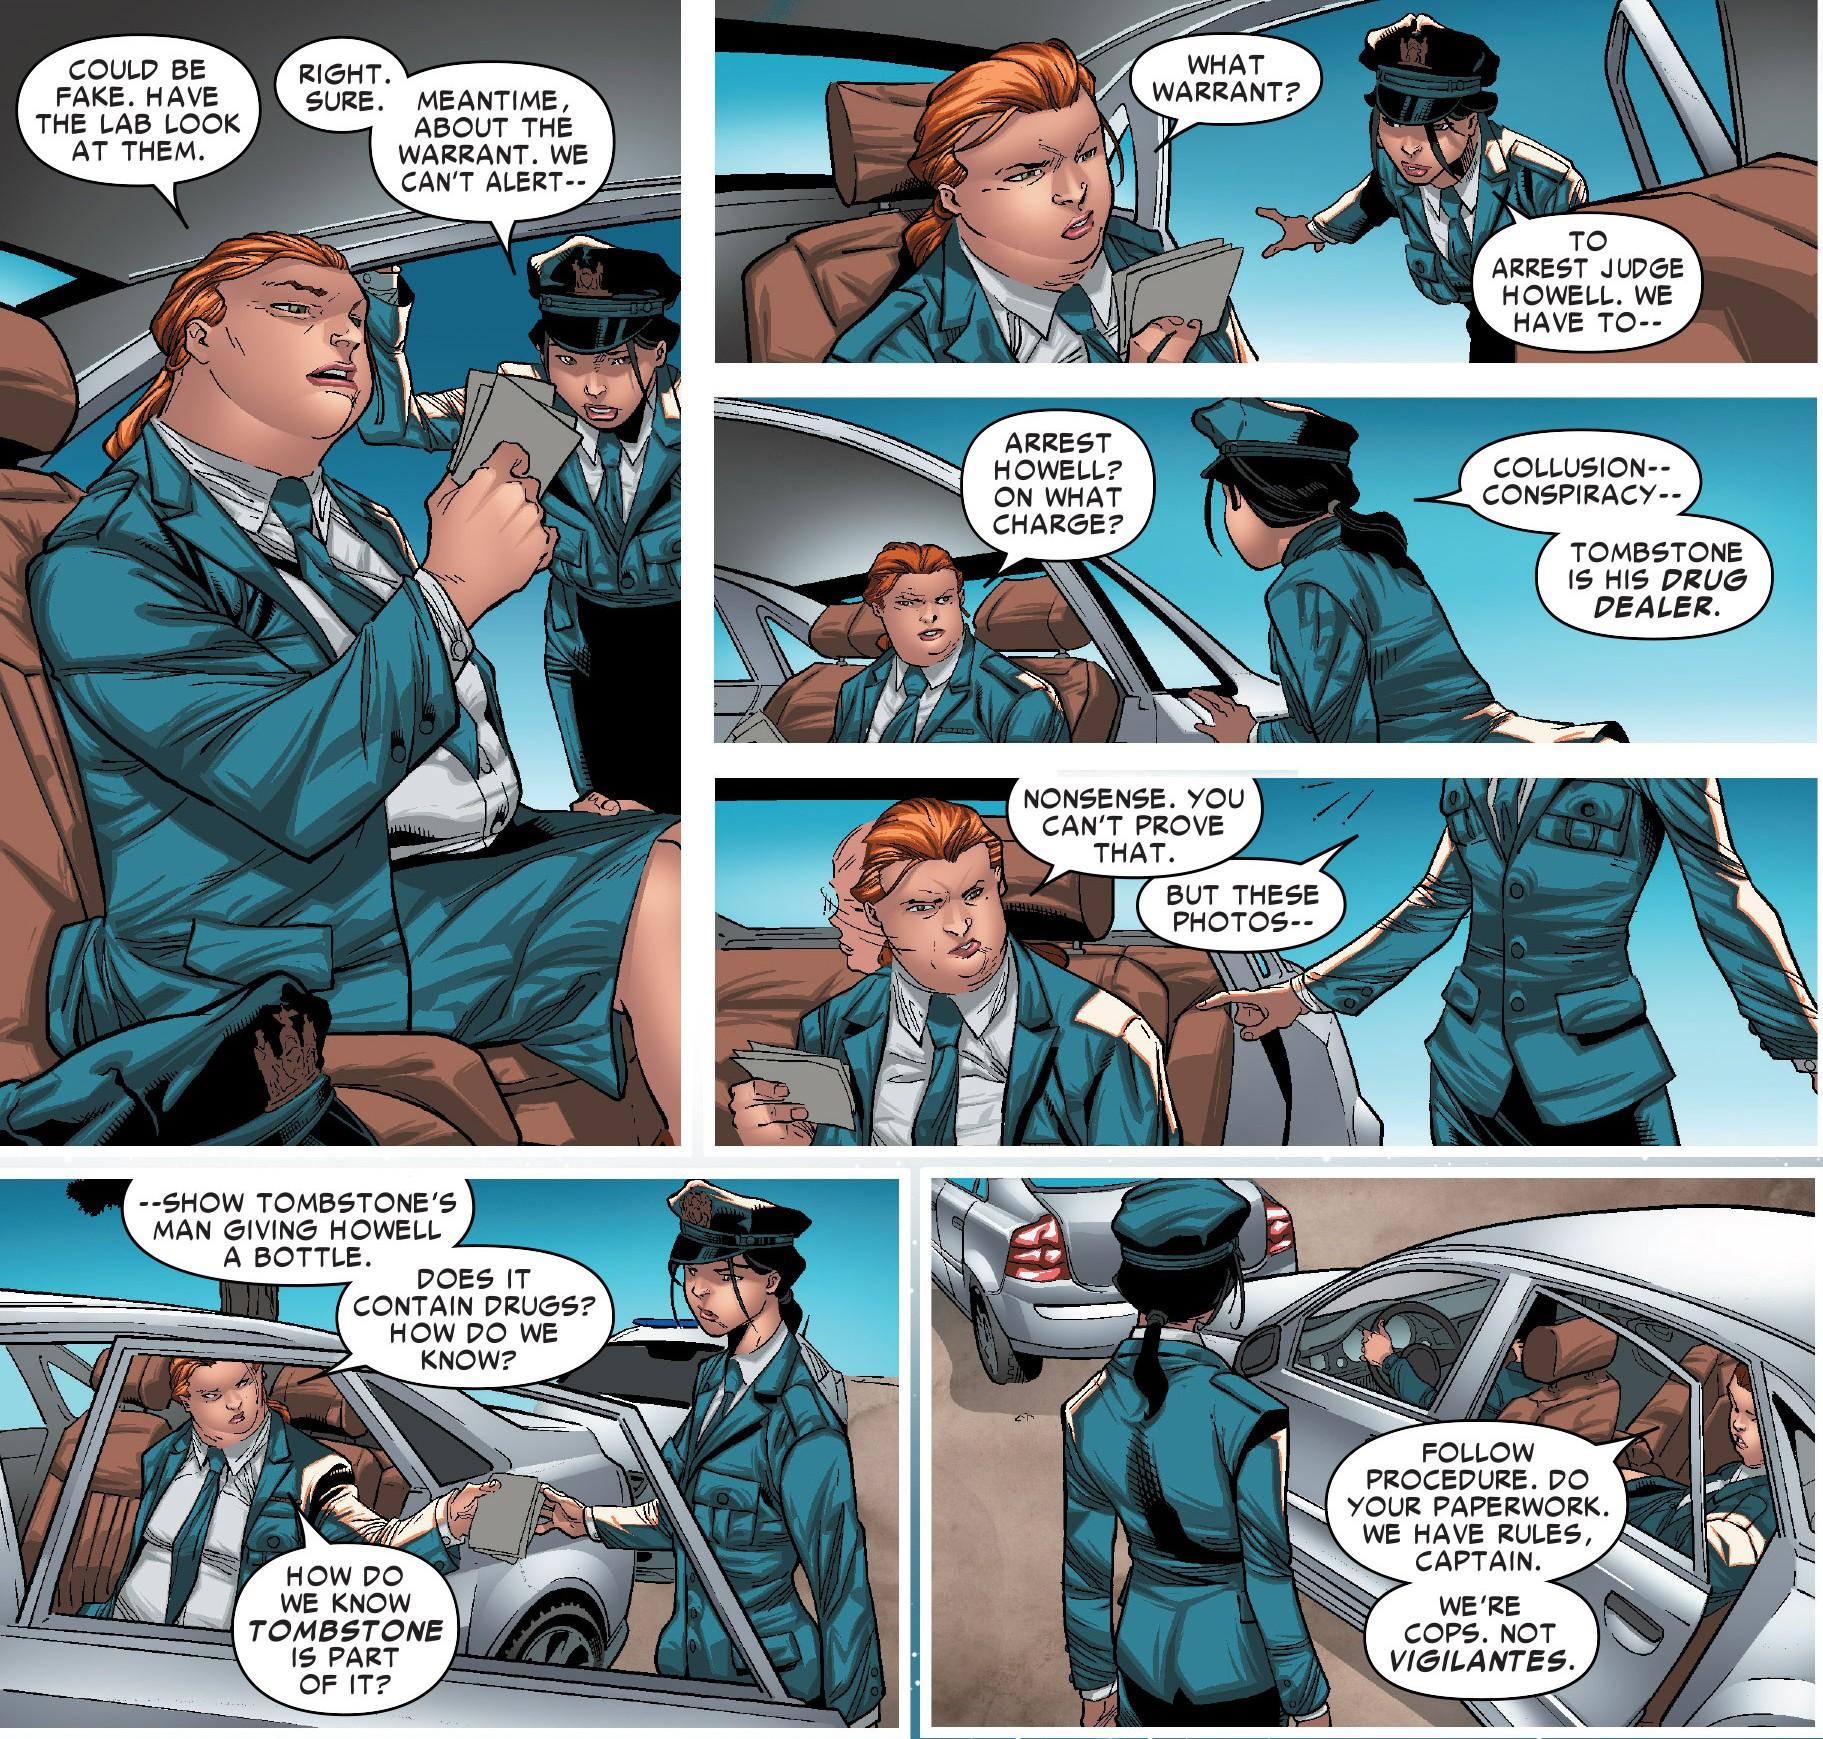 AmazingSpider-Man#16.1--p13